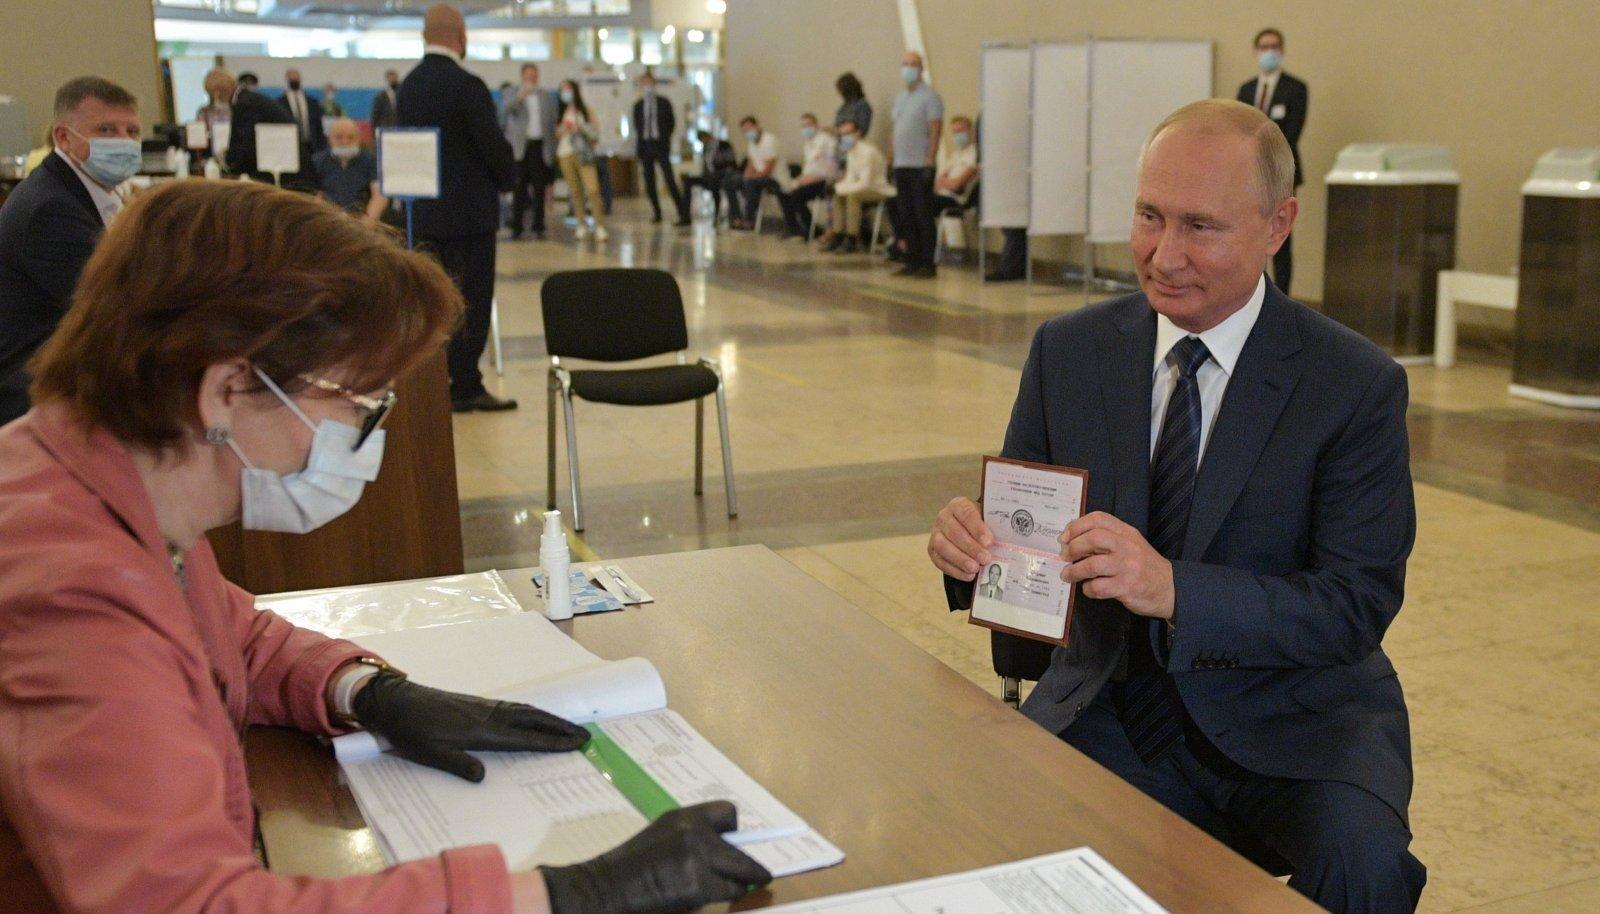 Venemaa president Vladimir Putin võttis üleeile Moskvas ka ise osa hääletusest, mis võimaldab tal eluks ajaks presidendiks jääda.